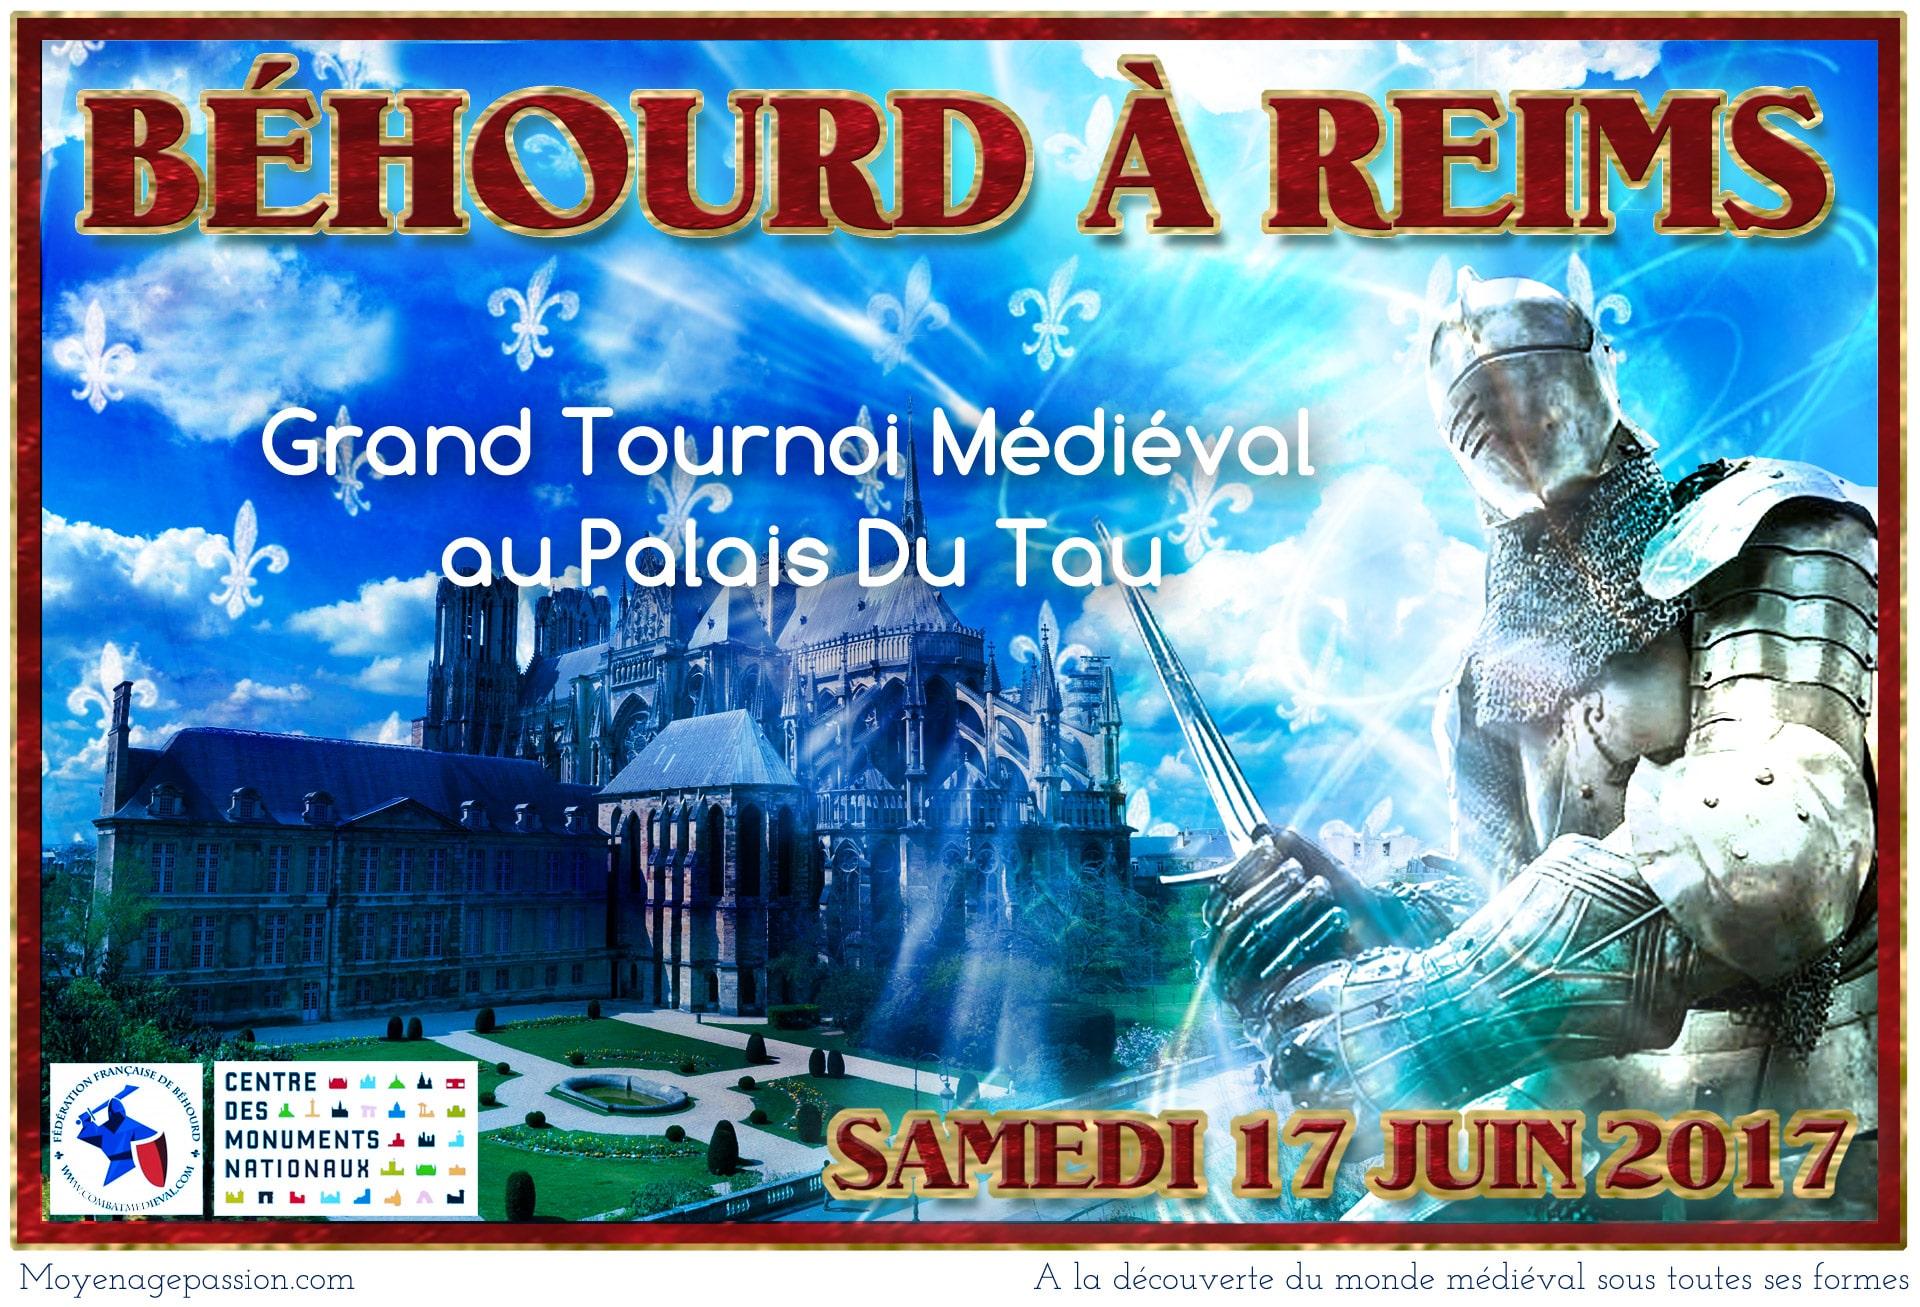 behourd_combat_medieval_tournoi_armures_armes_anciennes_moyen-age_central_tardif_reims_palais_du_tau_HD_1080